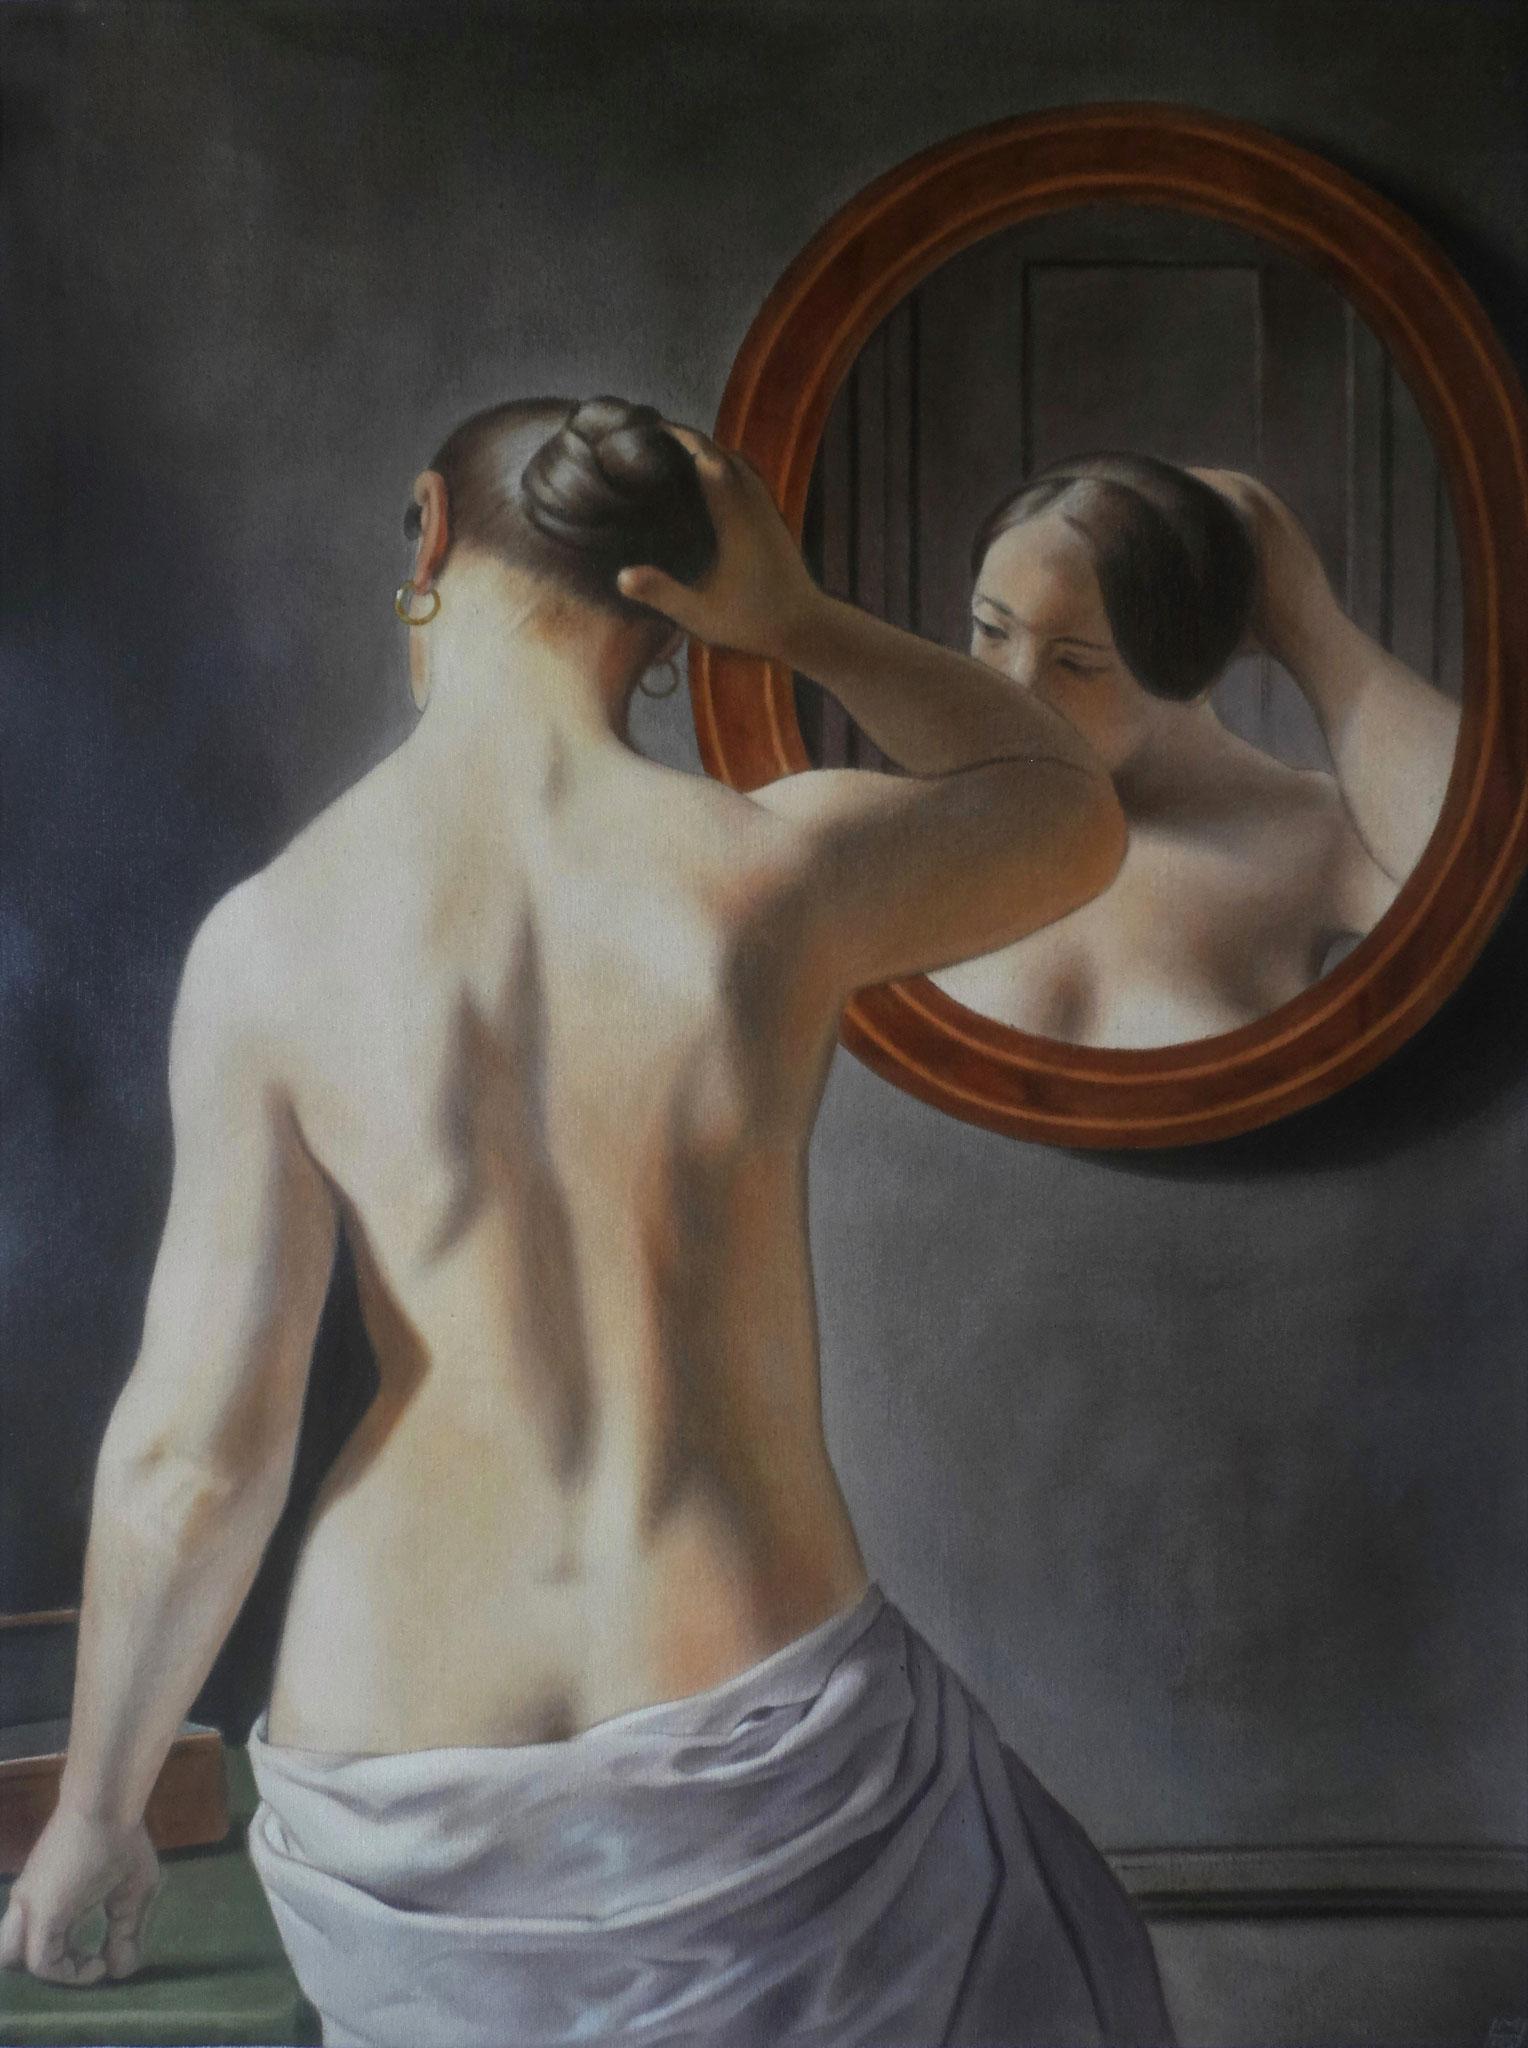 Kopie nach C. W. Eckersberg, Akryl auf Leinwand, 88 x 116 cm